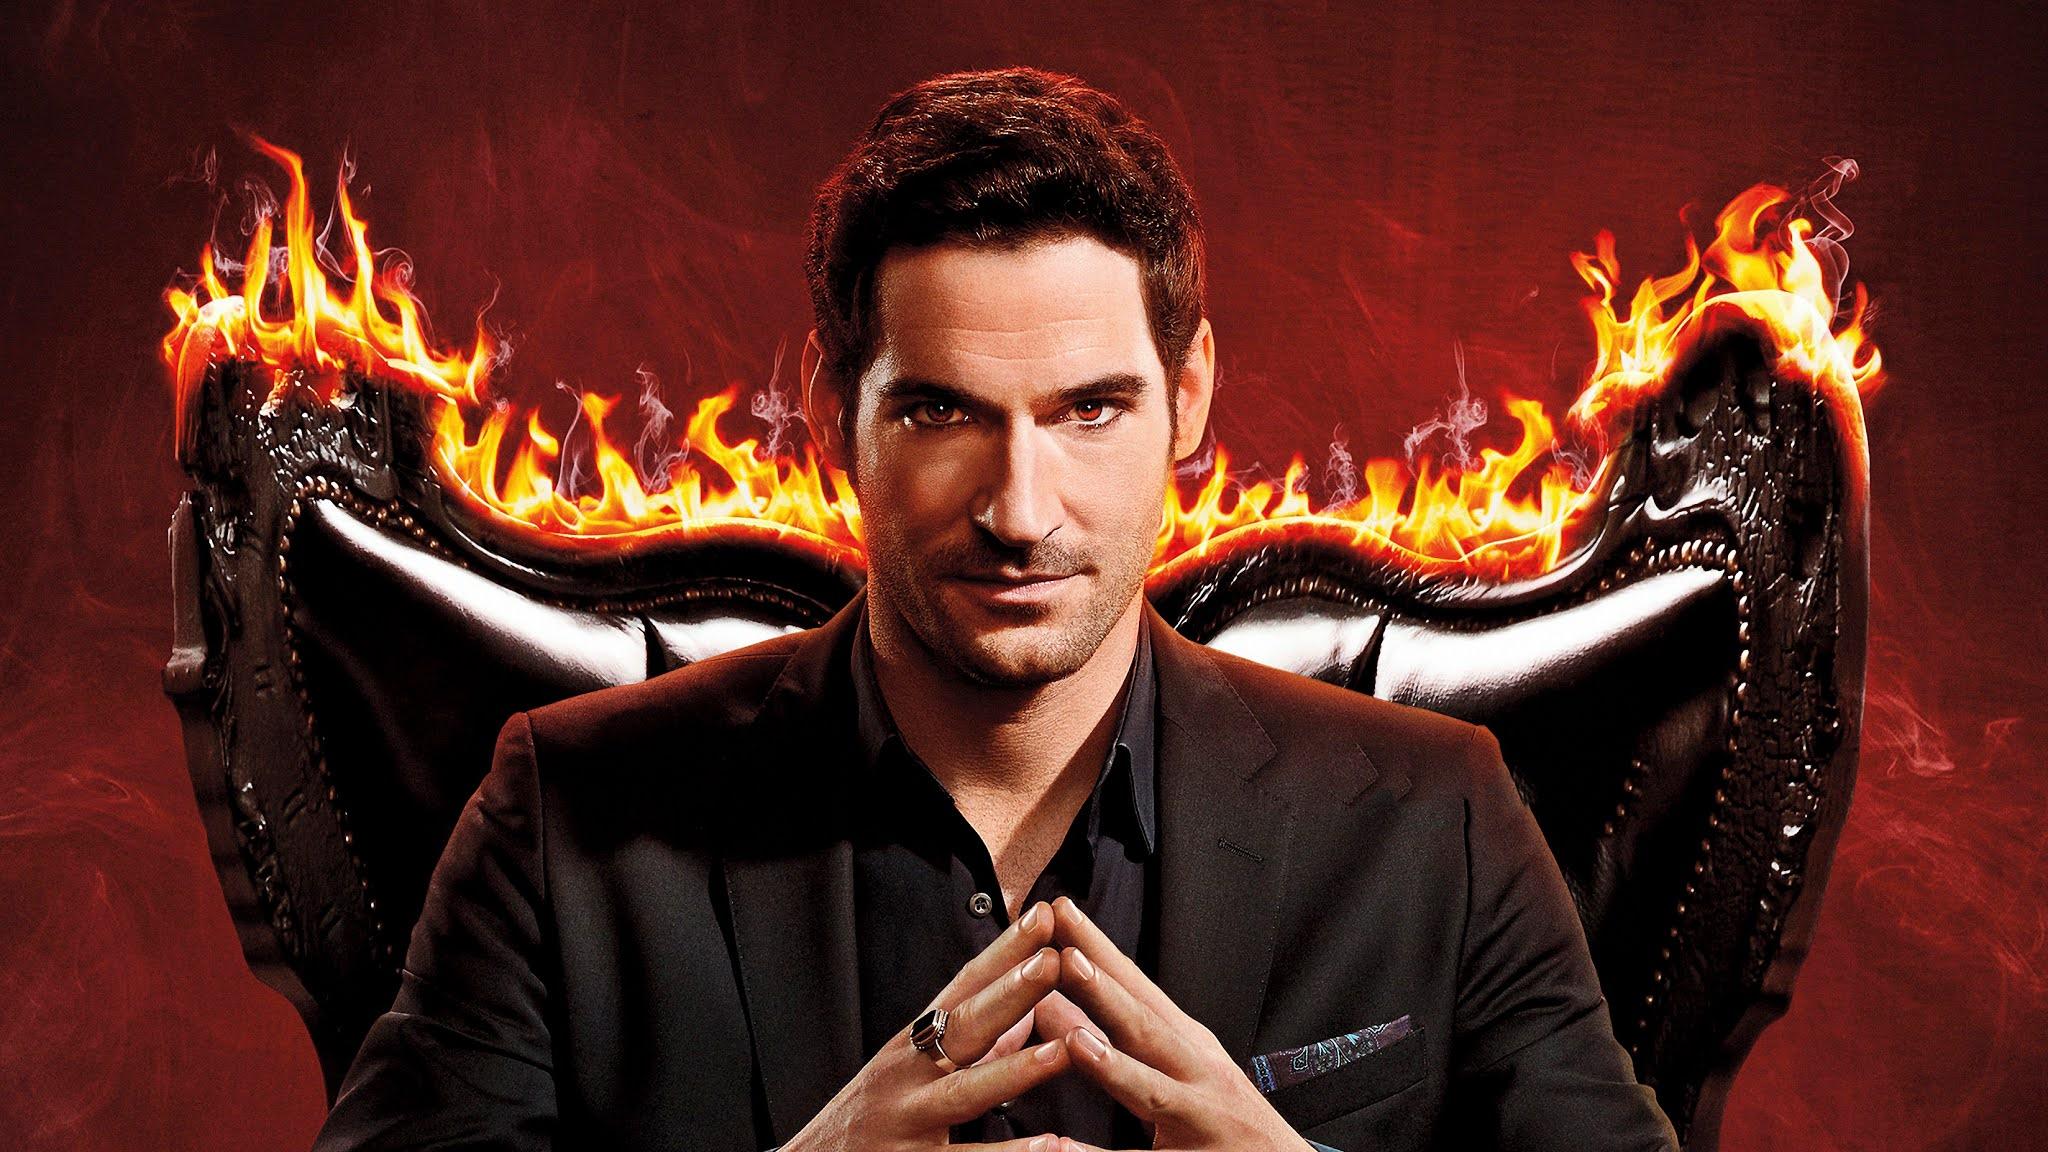 Lucifer 6. Sezon ne zaman gelecek? Lucifer 6. Sezonda neler olacak ve Lucifer yeni sezon ne zaman geliyor